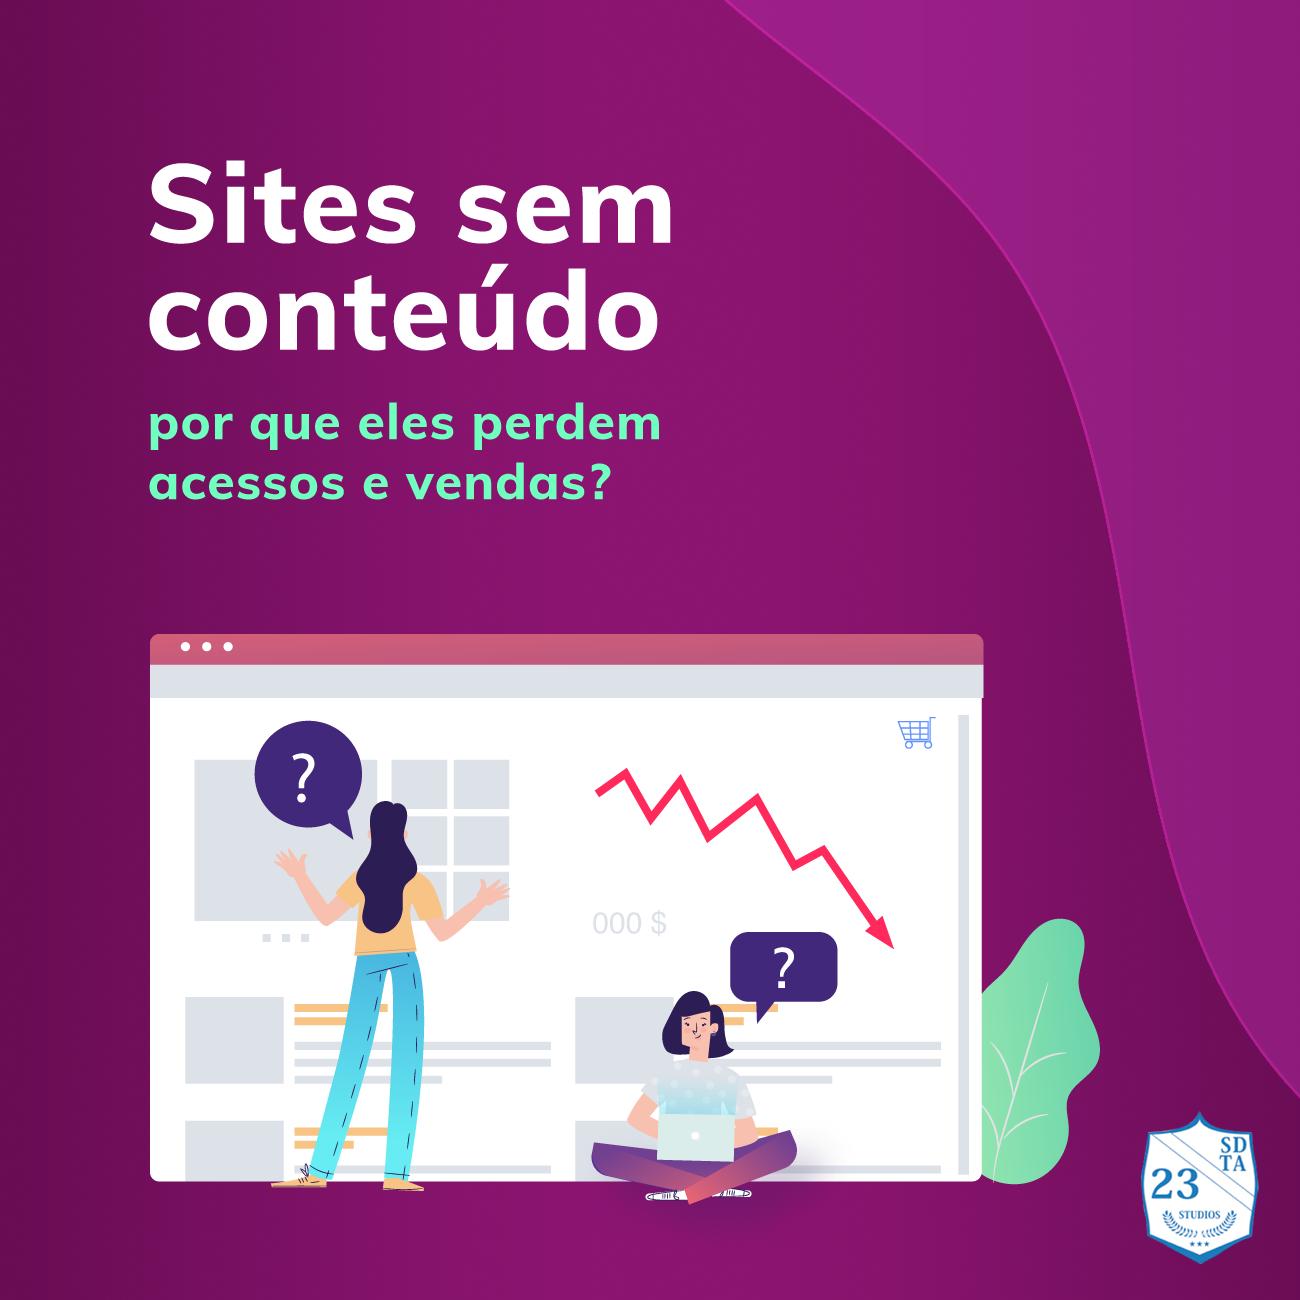 Por que sites sem conteúdo perdem acessos e vendas?